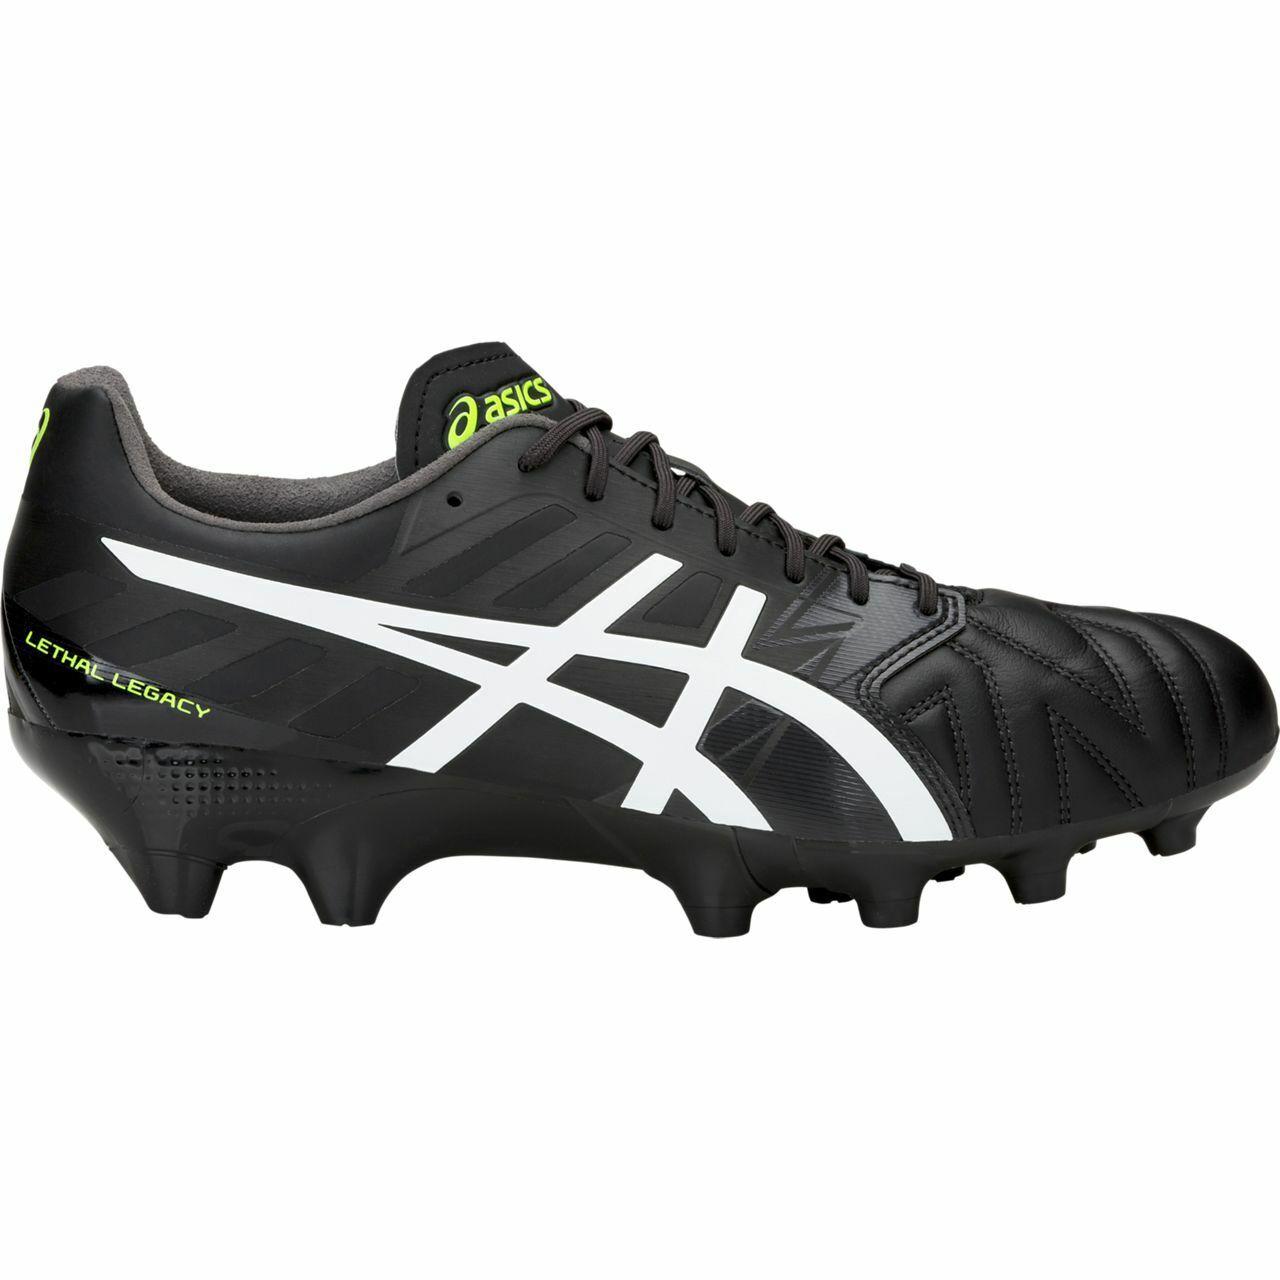 Ganga Asics de TI herojoadas letal FF para Hombre botas de fútbol (001)